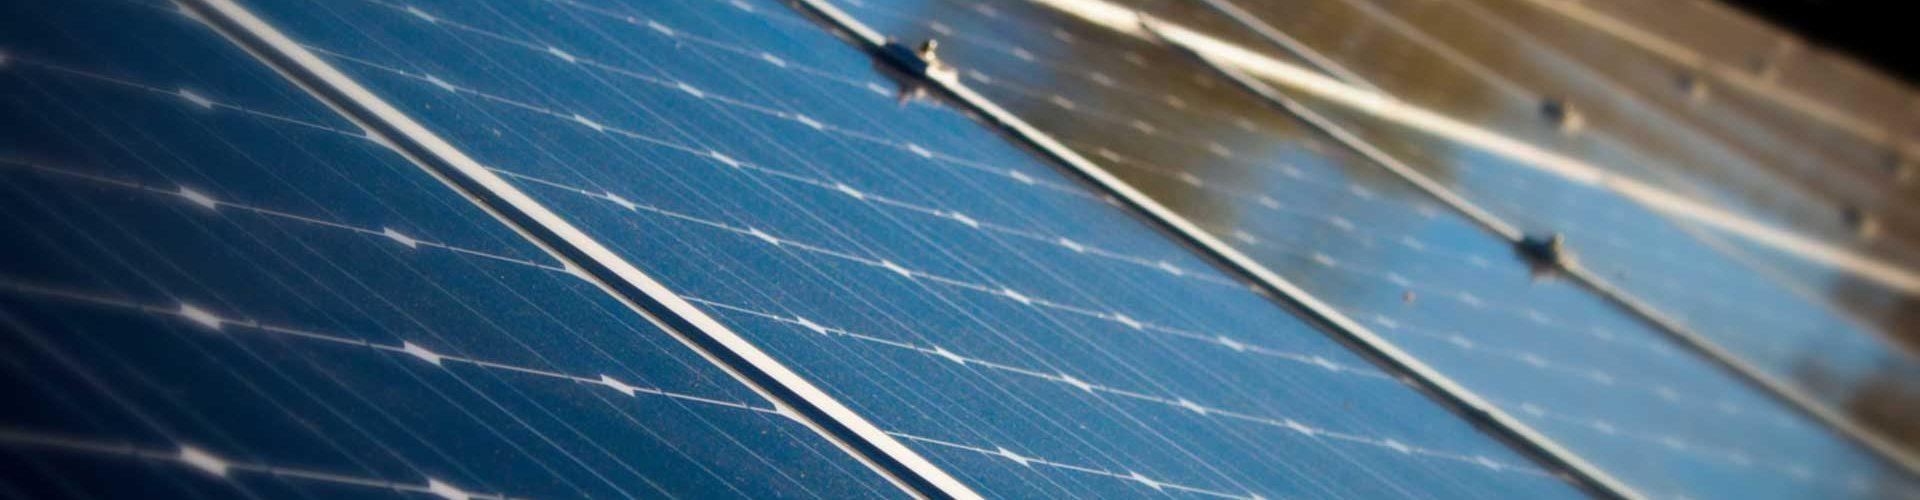 solarpower-02